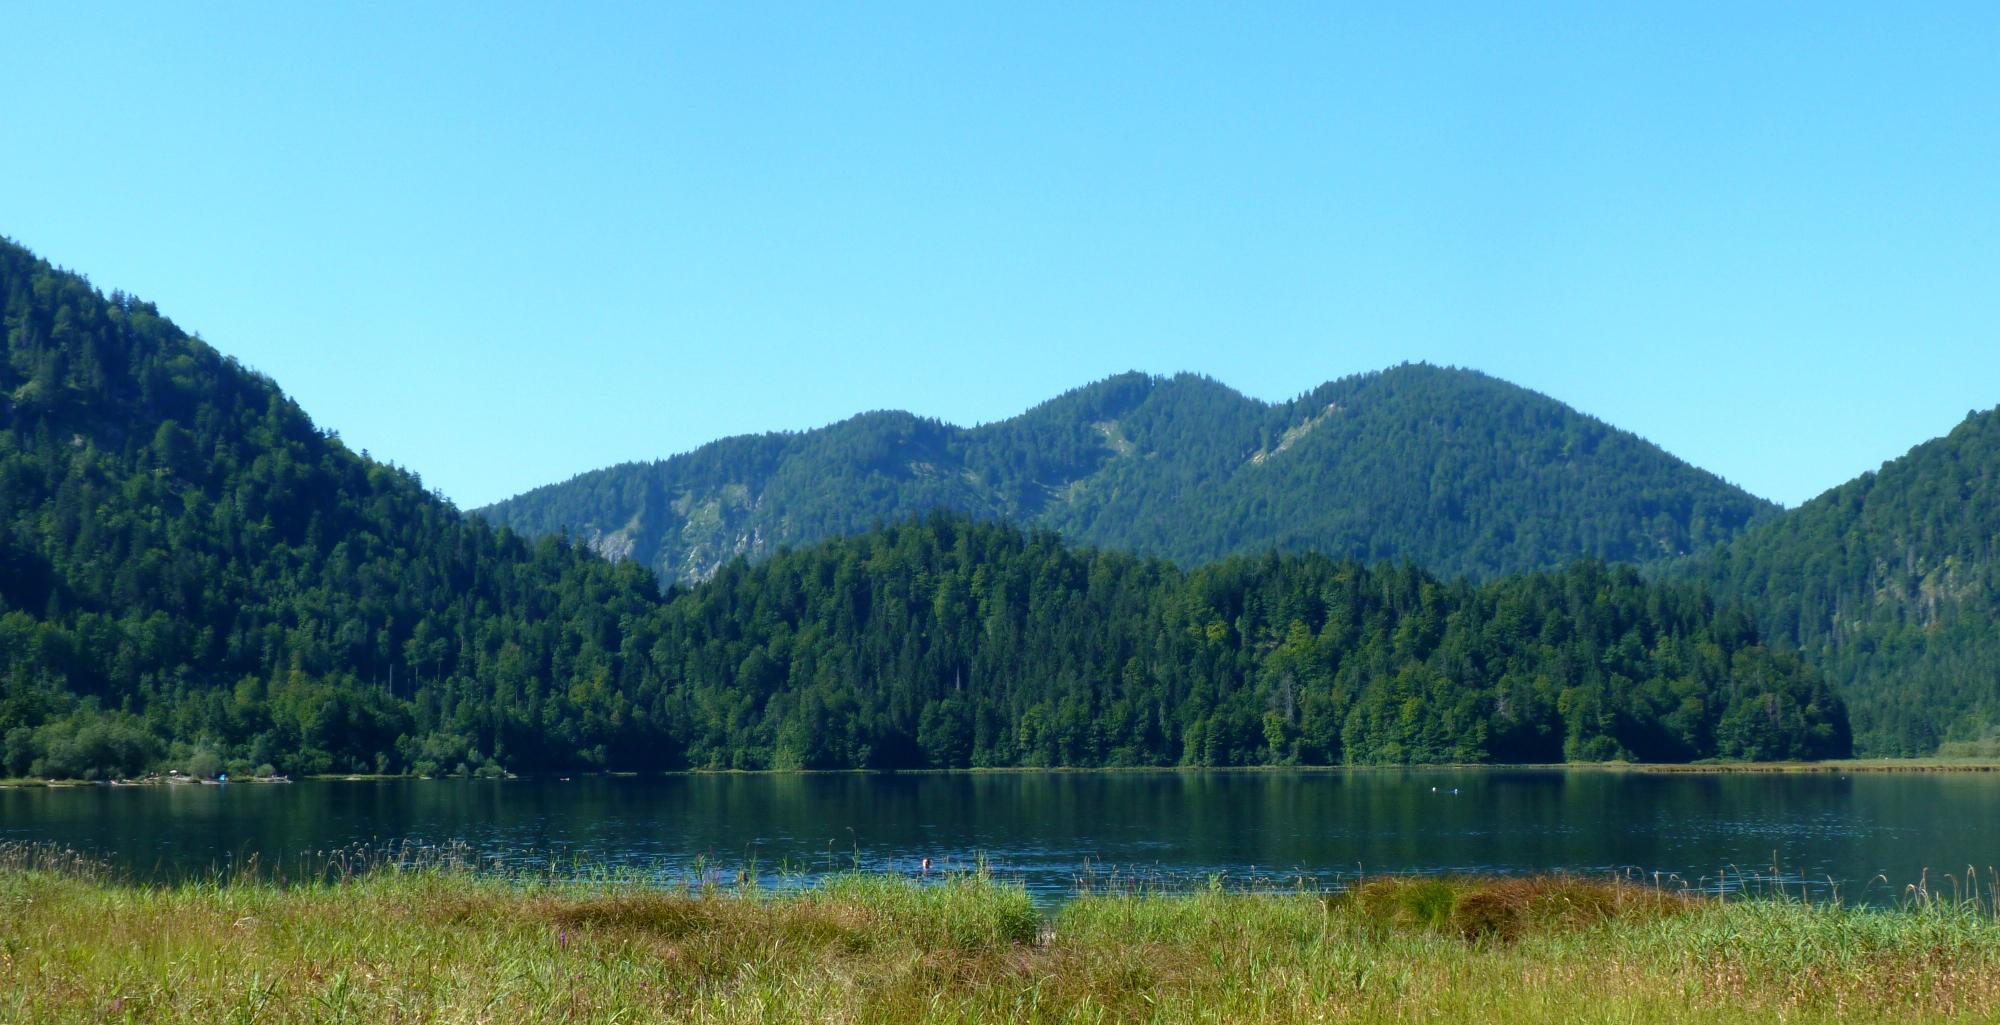 Foto: Foto der Woche #065: See und Berge